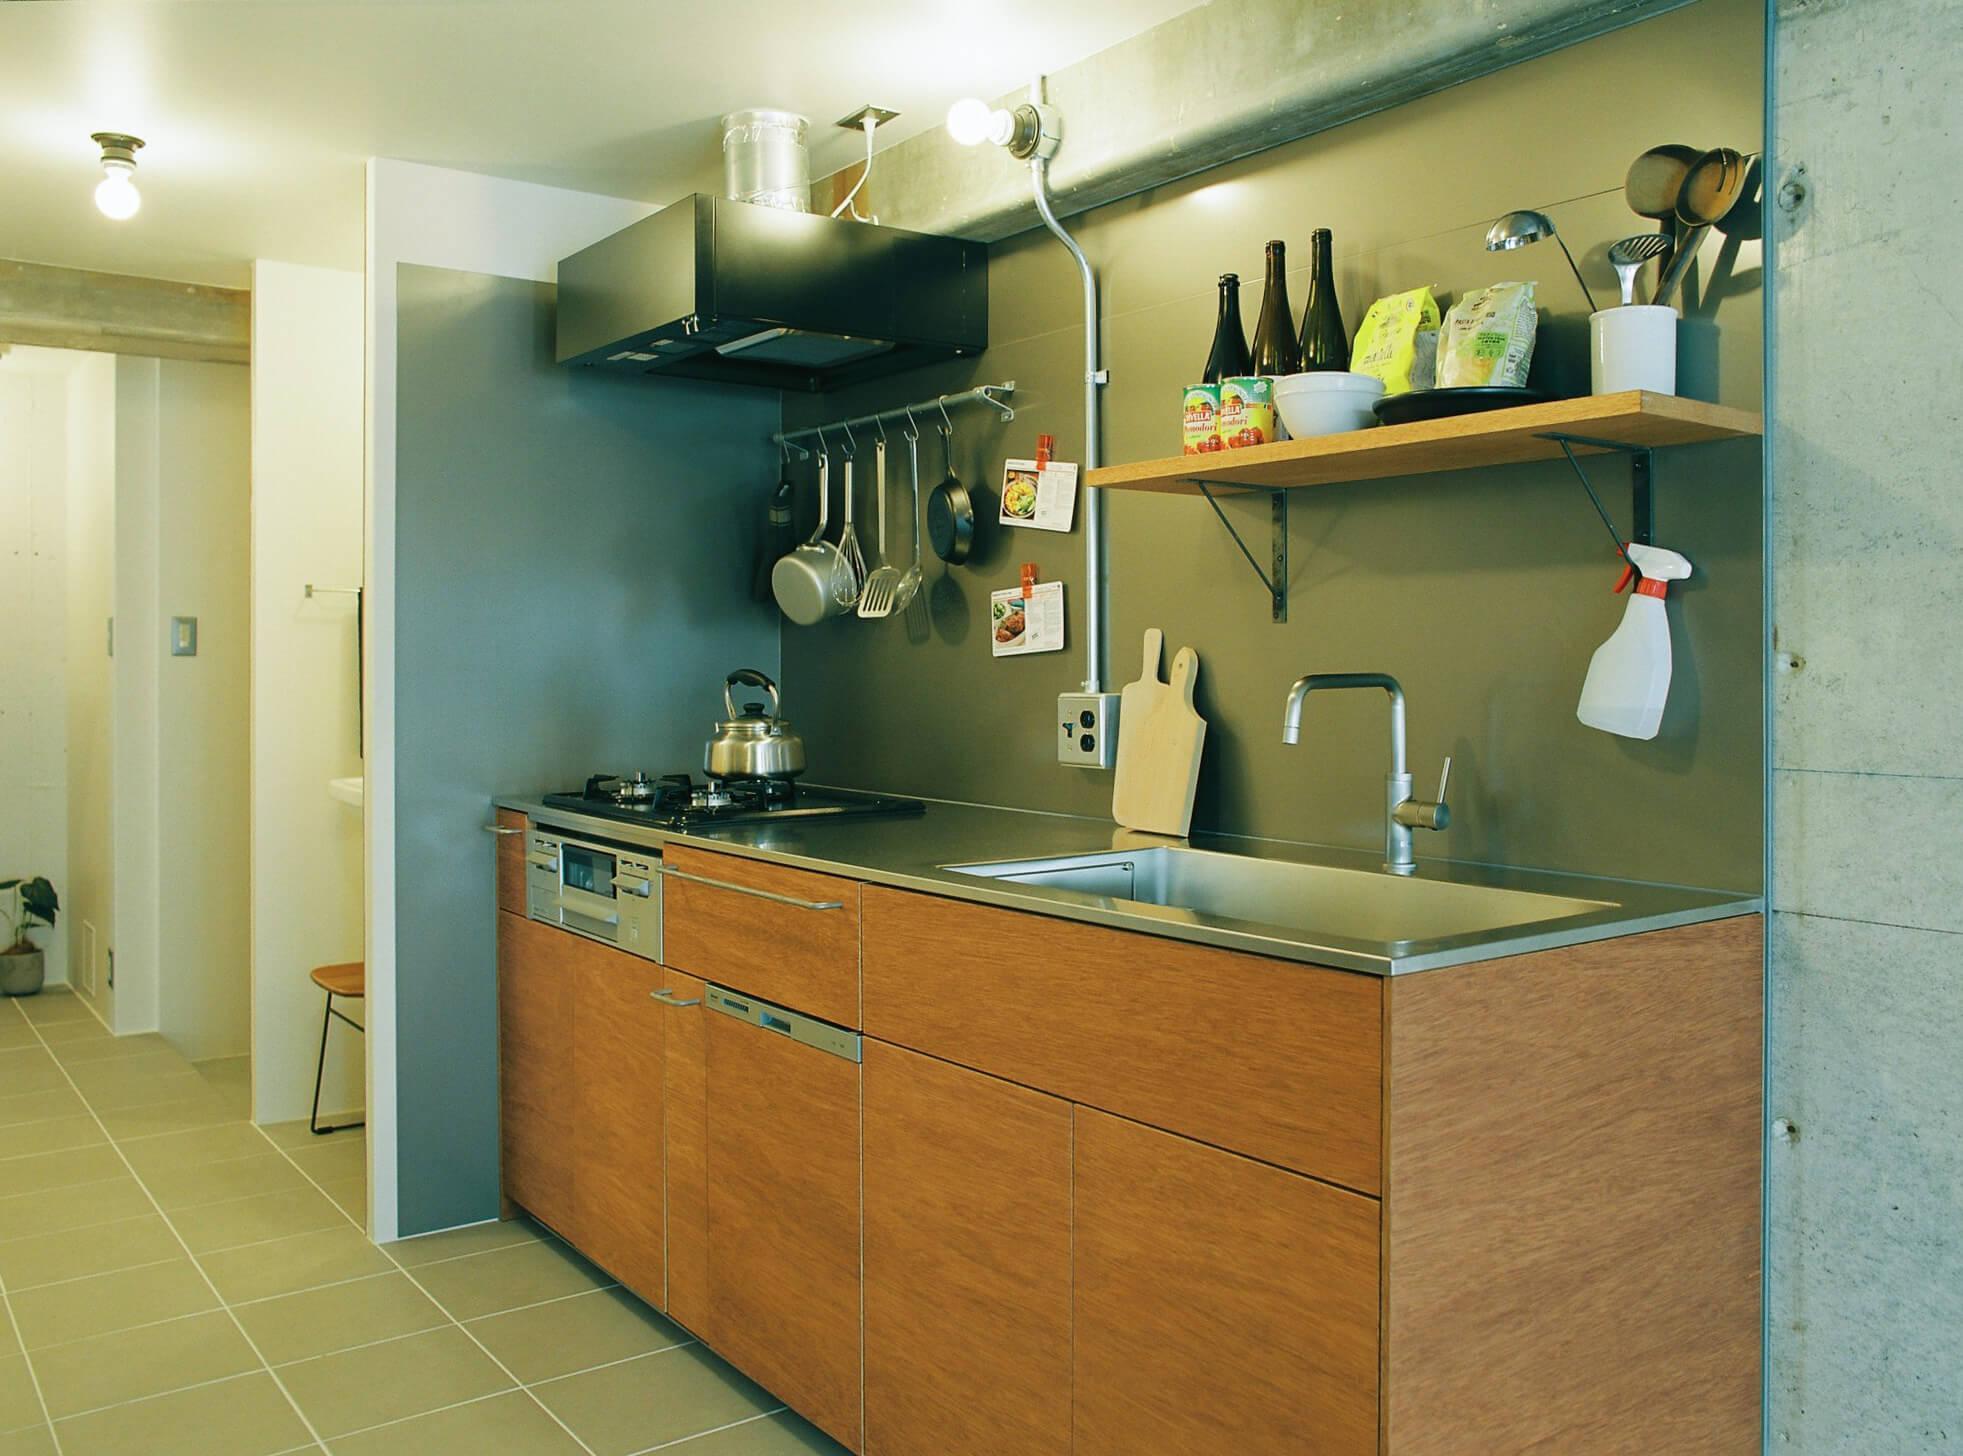 toolboxの食洗機付き木製システムキッチン。キッチンパネルはガルバリウム鋼板で造作。磁石がつきます。